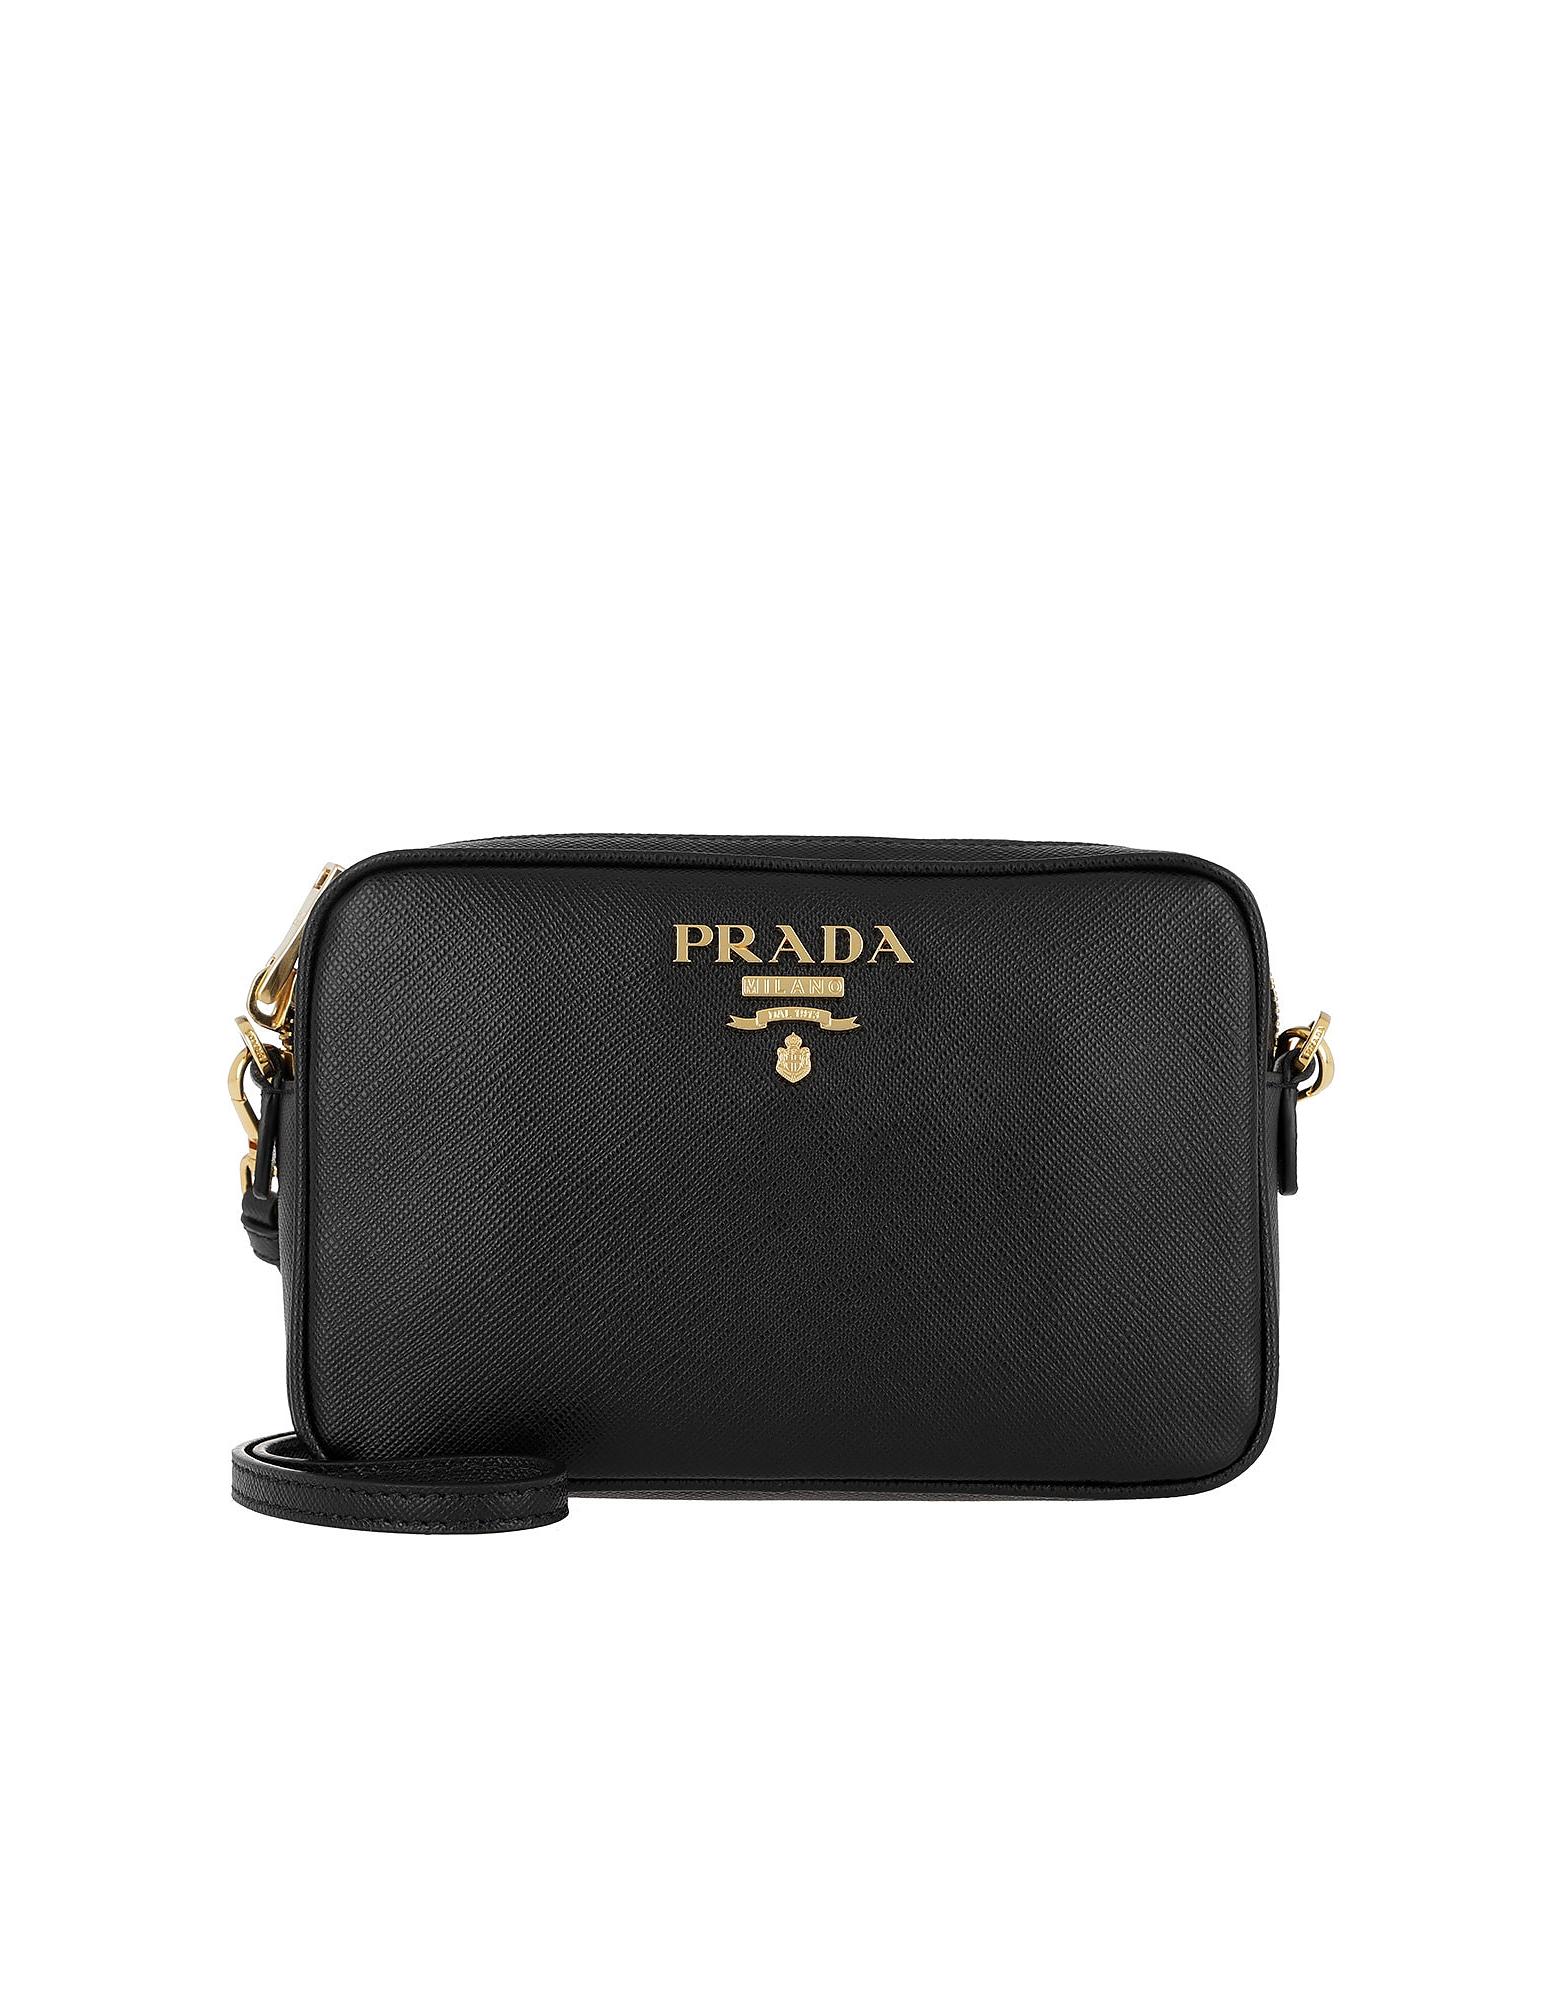 Prada Handbags, Medium Saffiano Leather Black Camera Bag